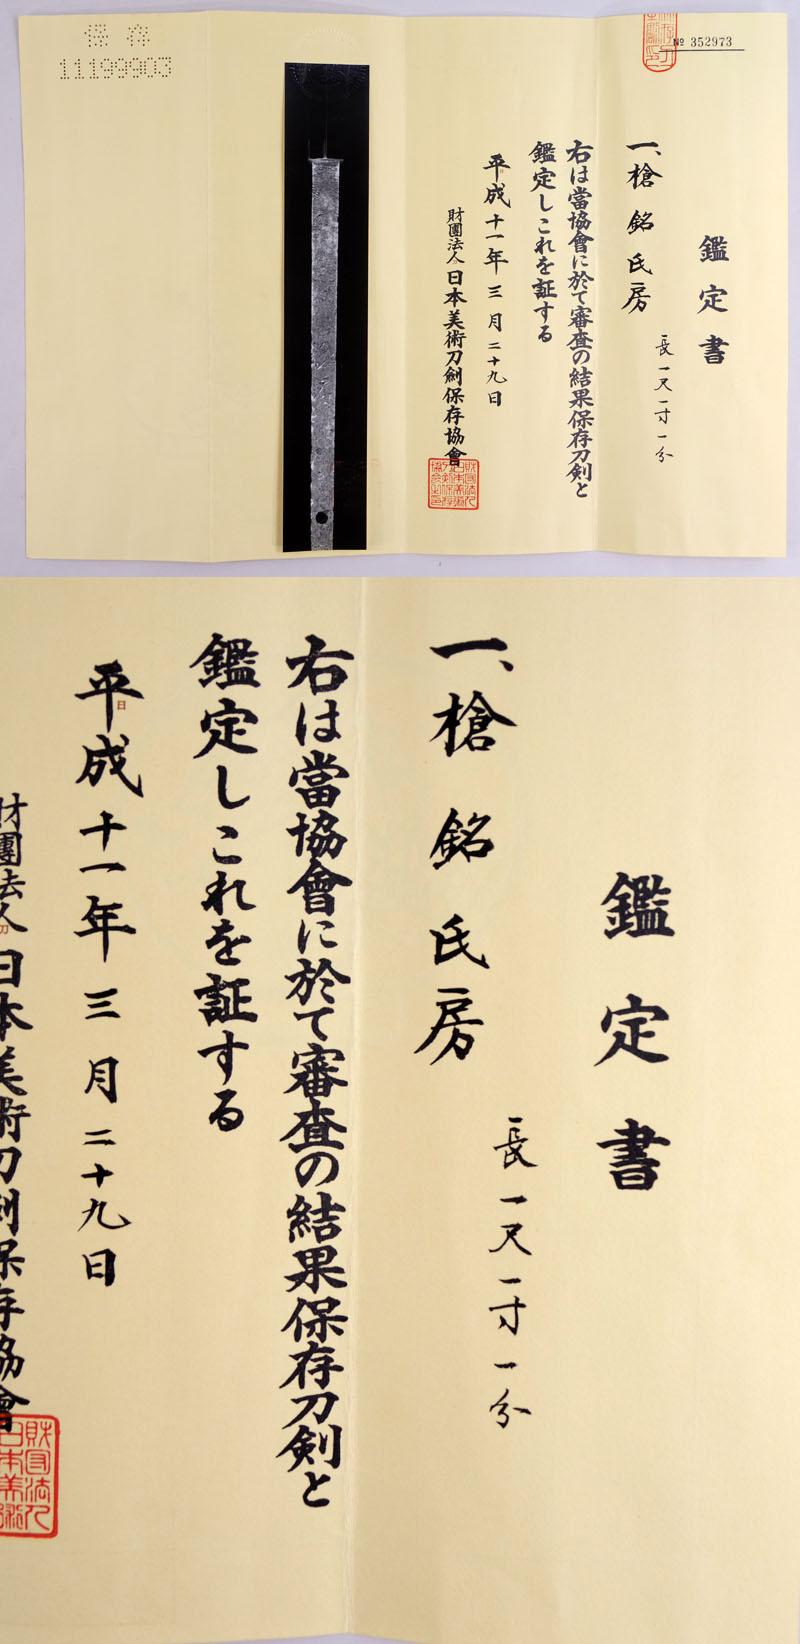 氏房 Picture of Certificate